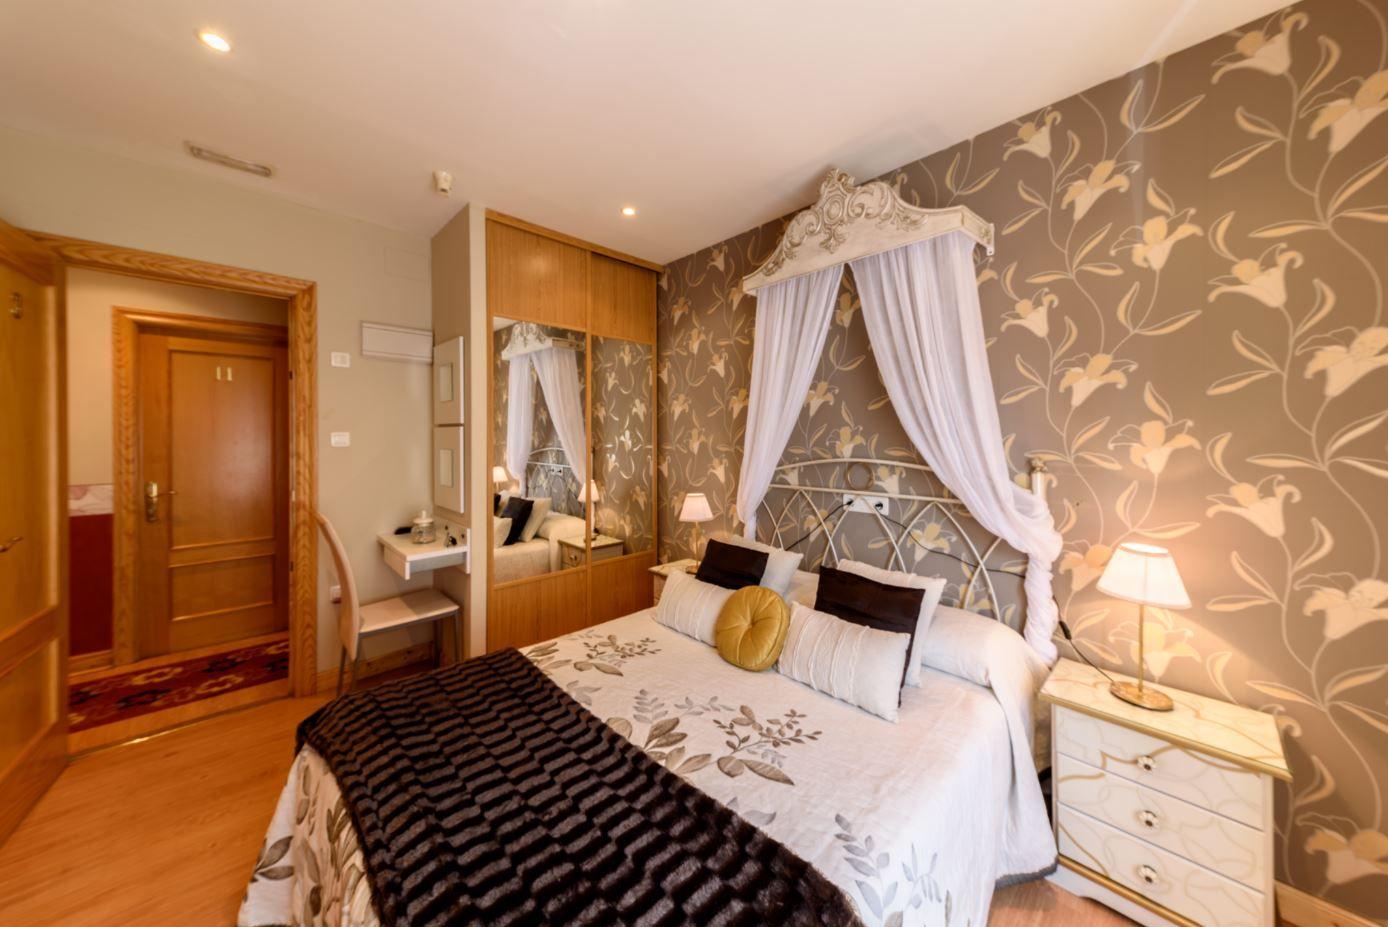 Habitación Doble de matrimonio en hotel Castro Urdiales